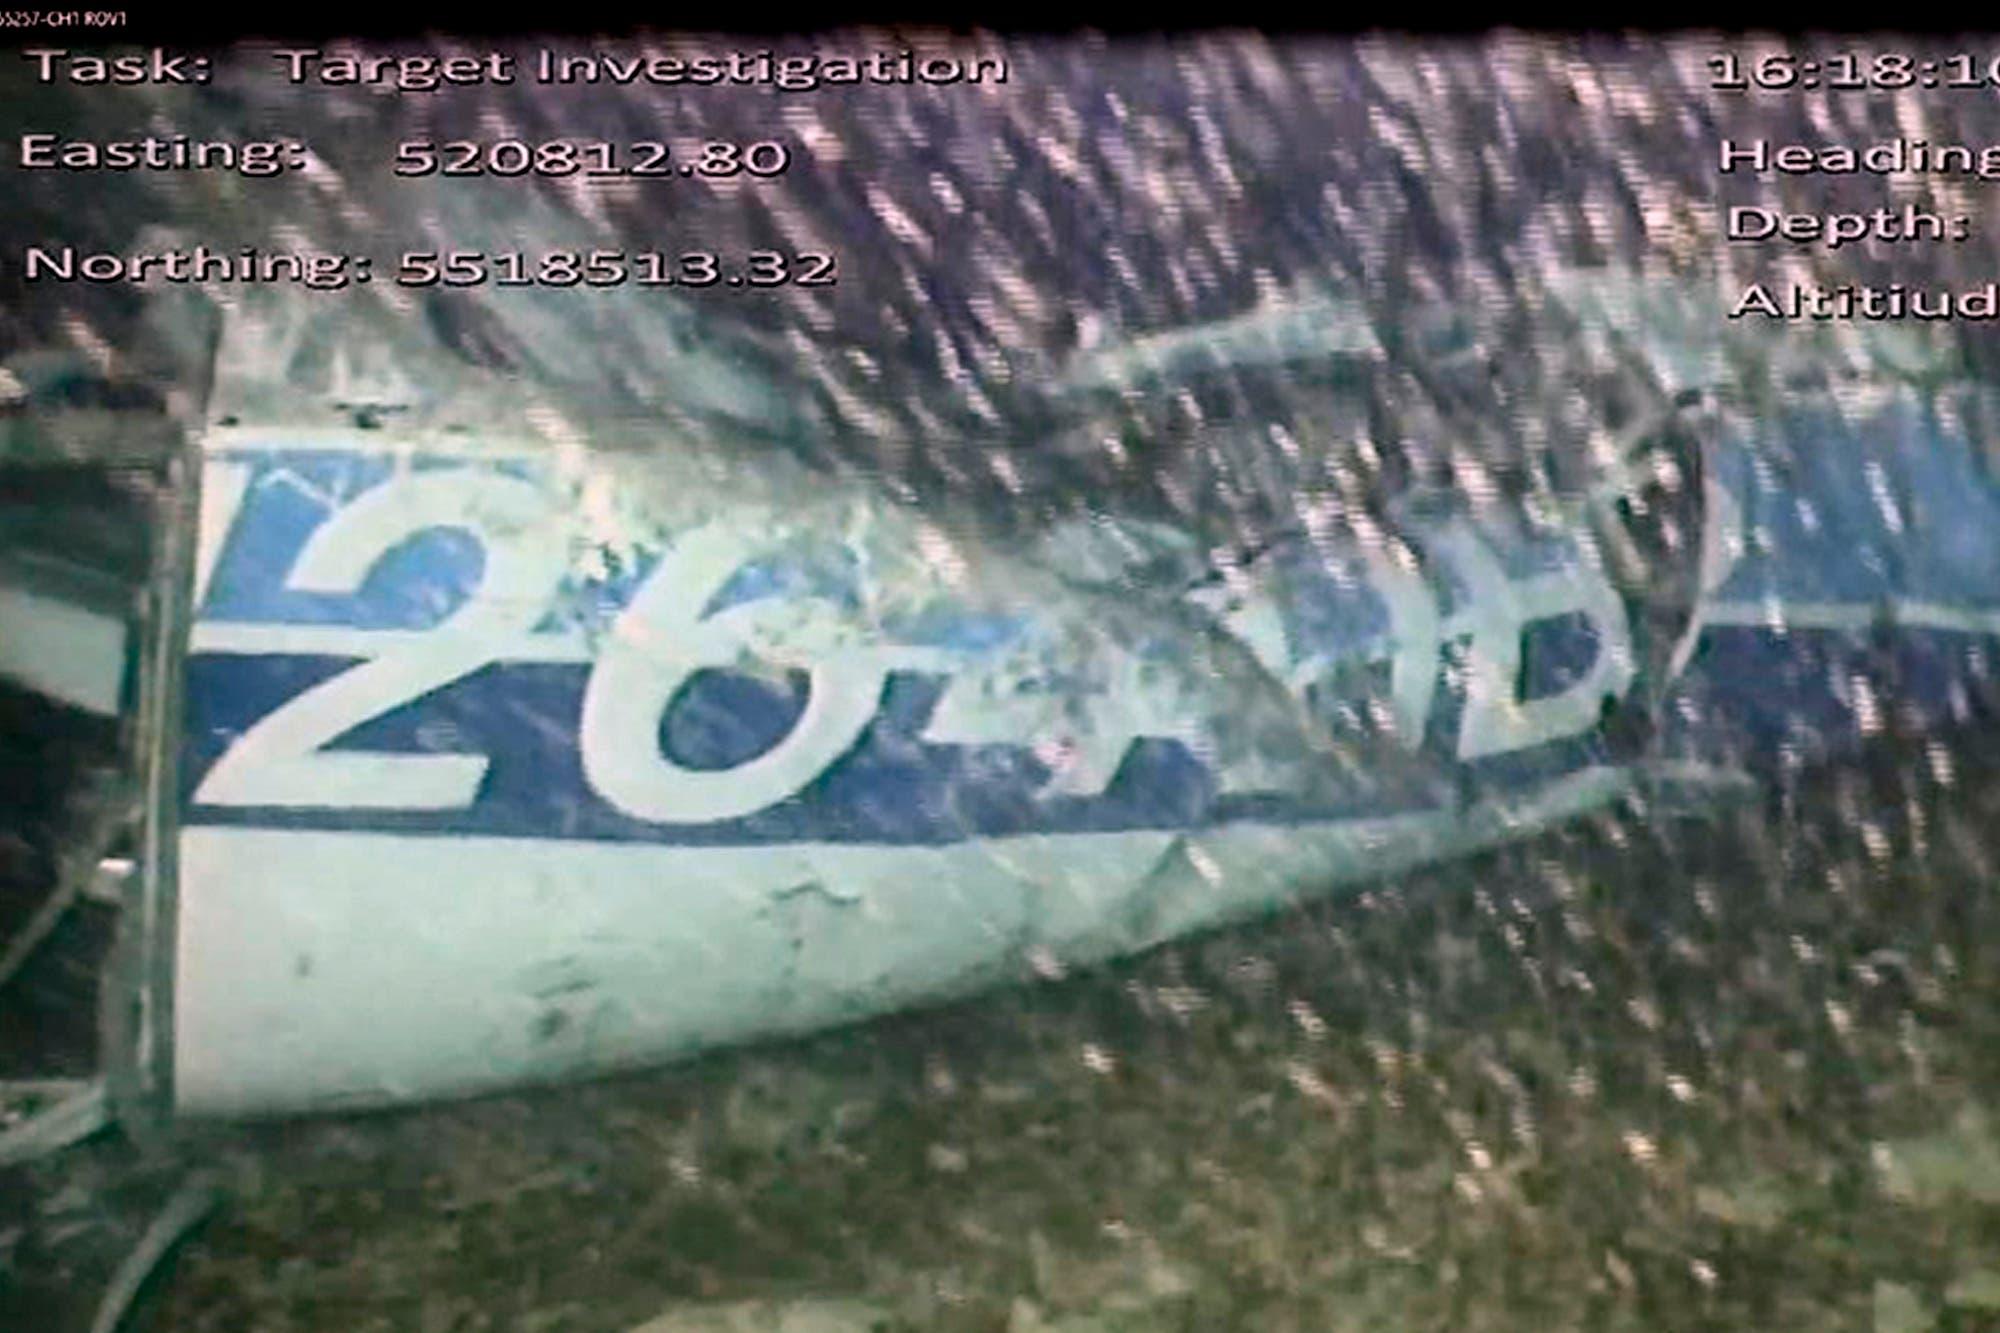 Desaparecieron los restos del fuselaje del avión donde falleció Emiliano Sala